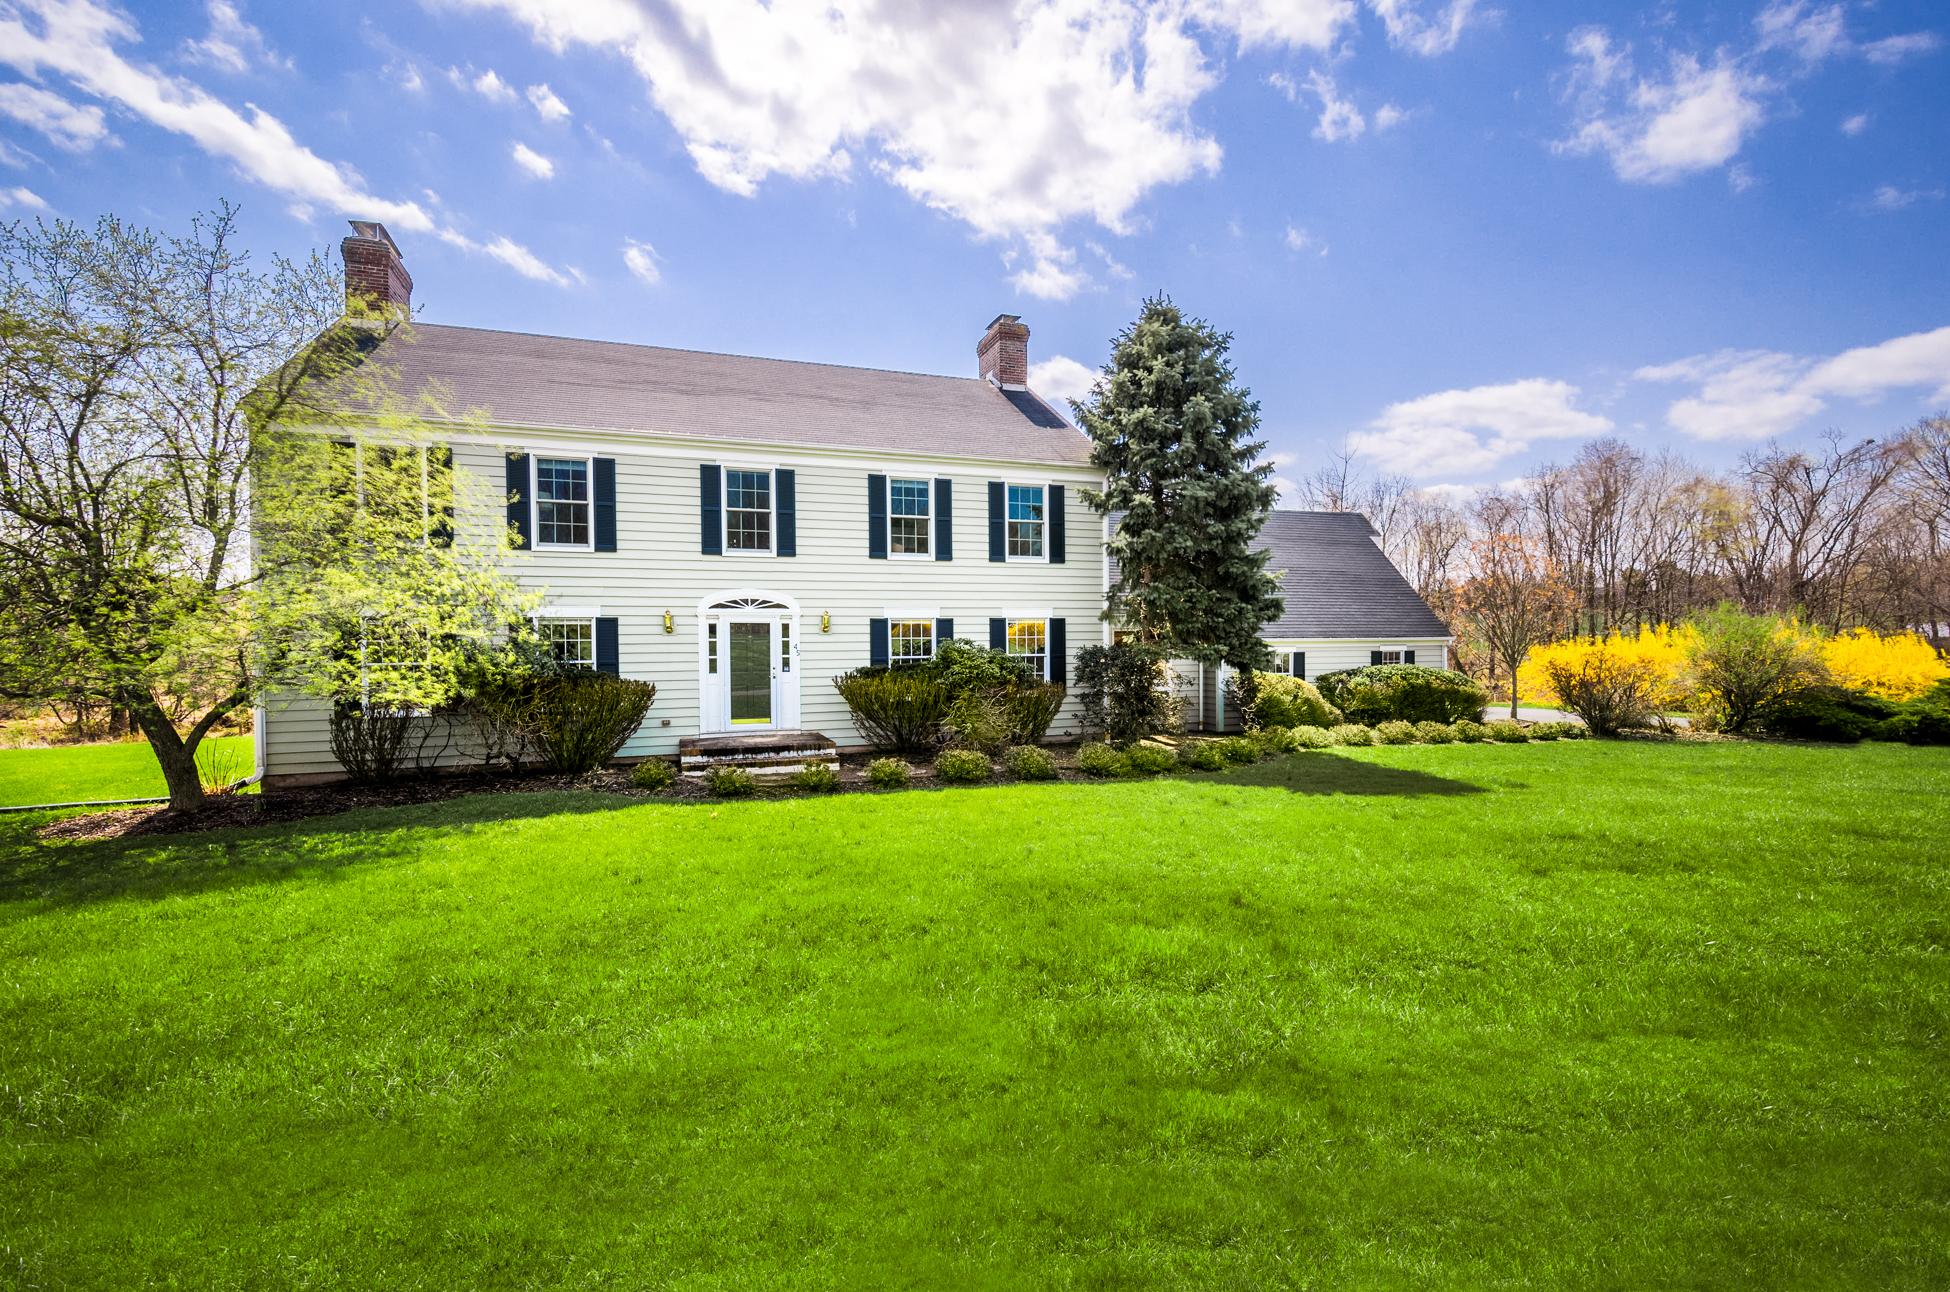 Maison unifamiliale pour l Vente à A Skillman Jewel - Montgomery Township 45 Hollow Road Skillman, New Jersey 08558 États-Unis